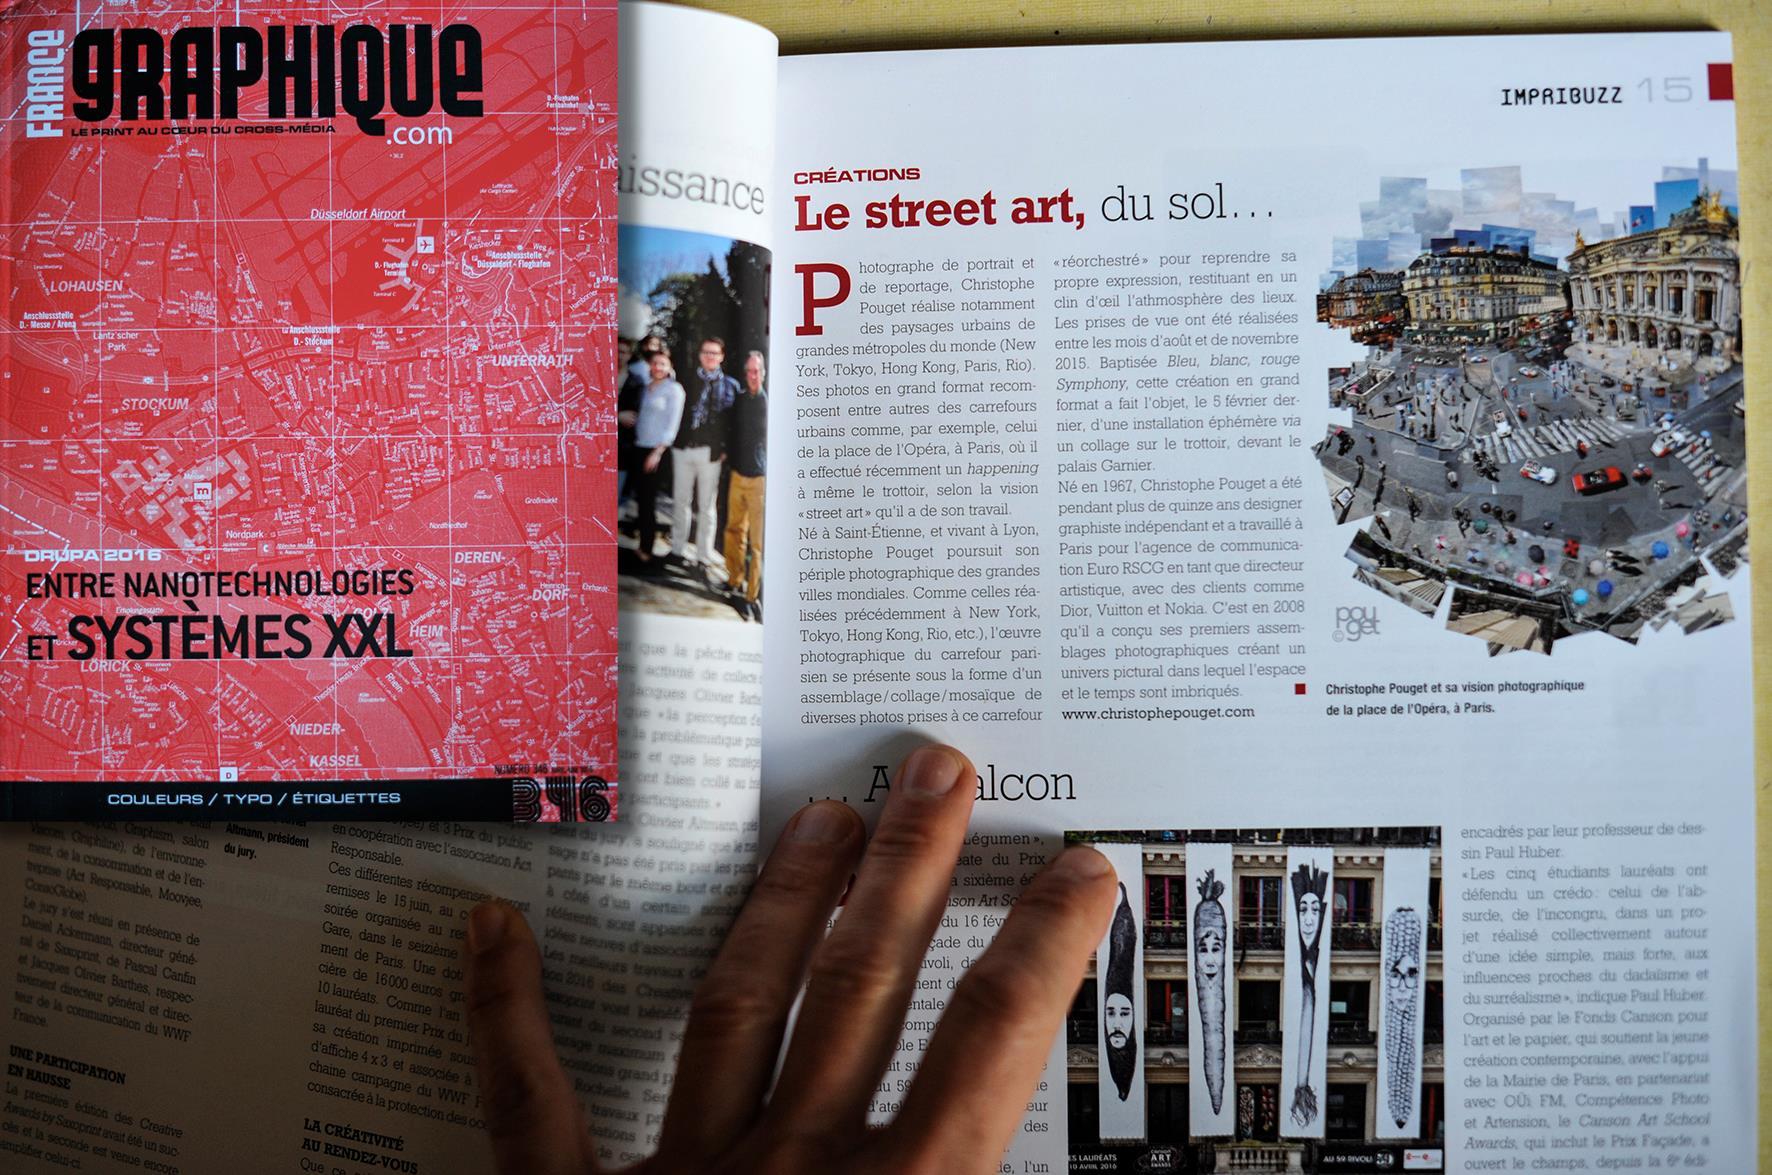 Parution d'un article dédié au projet In Situ dans France Graphique